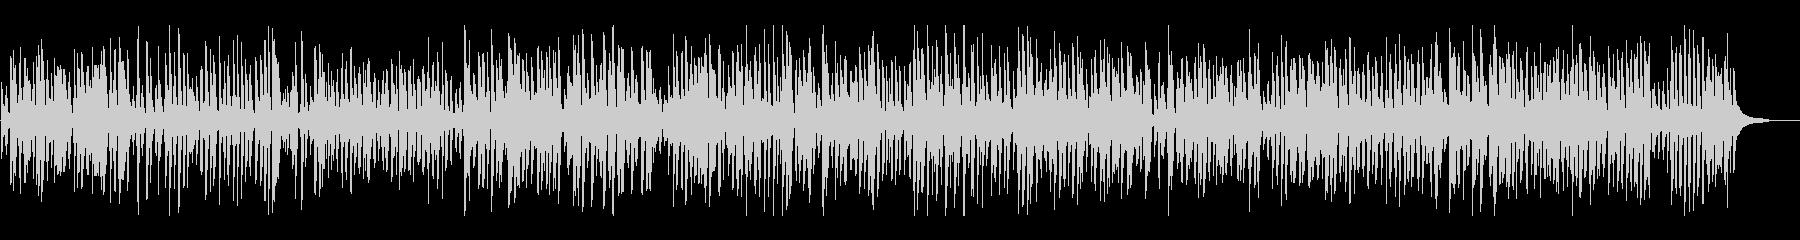 爽やかオールドジャズピアノトリオの未再生の波形